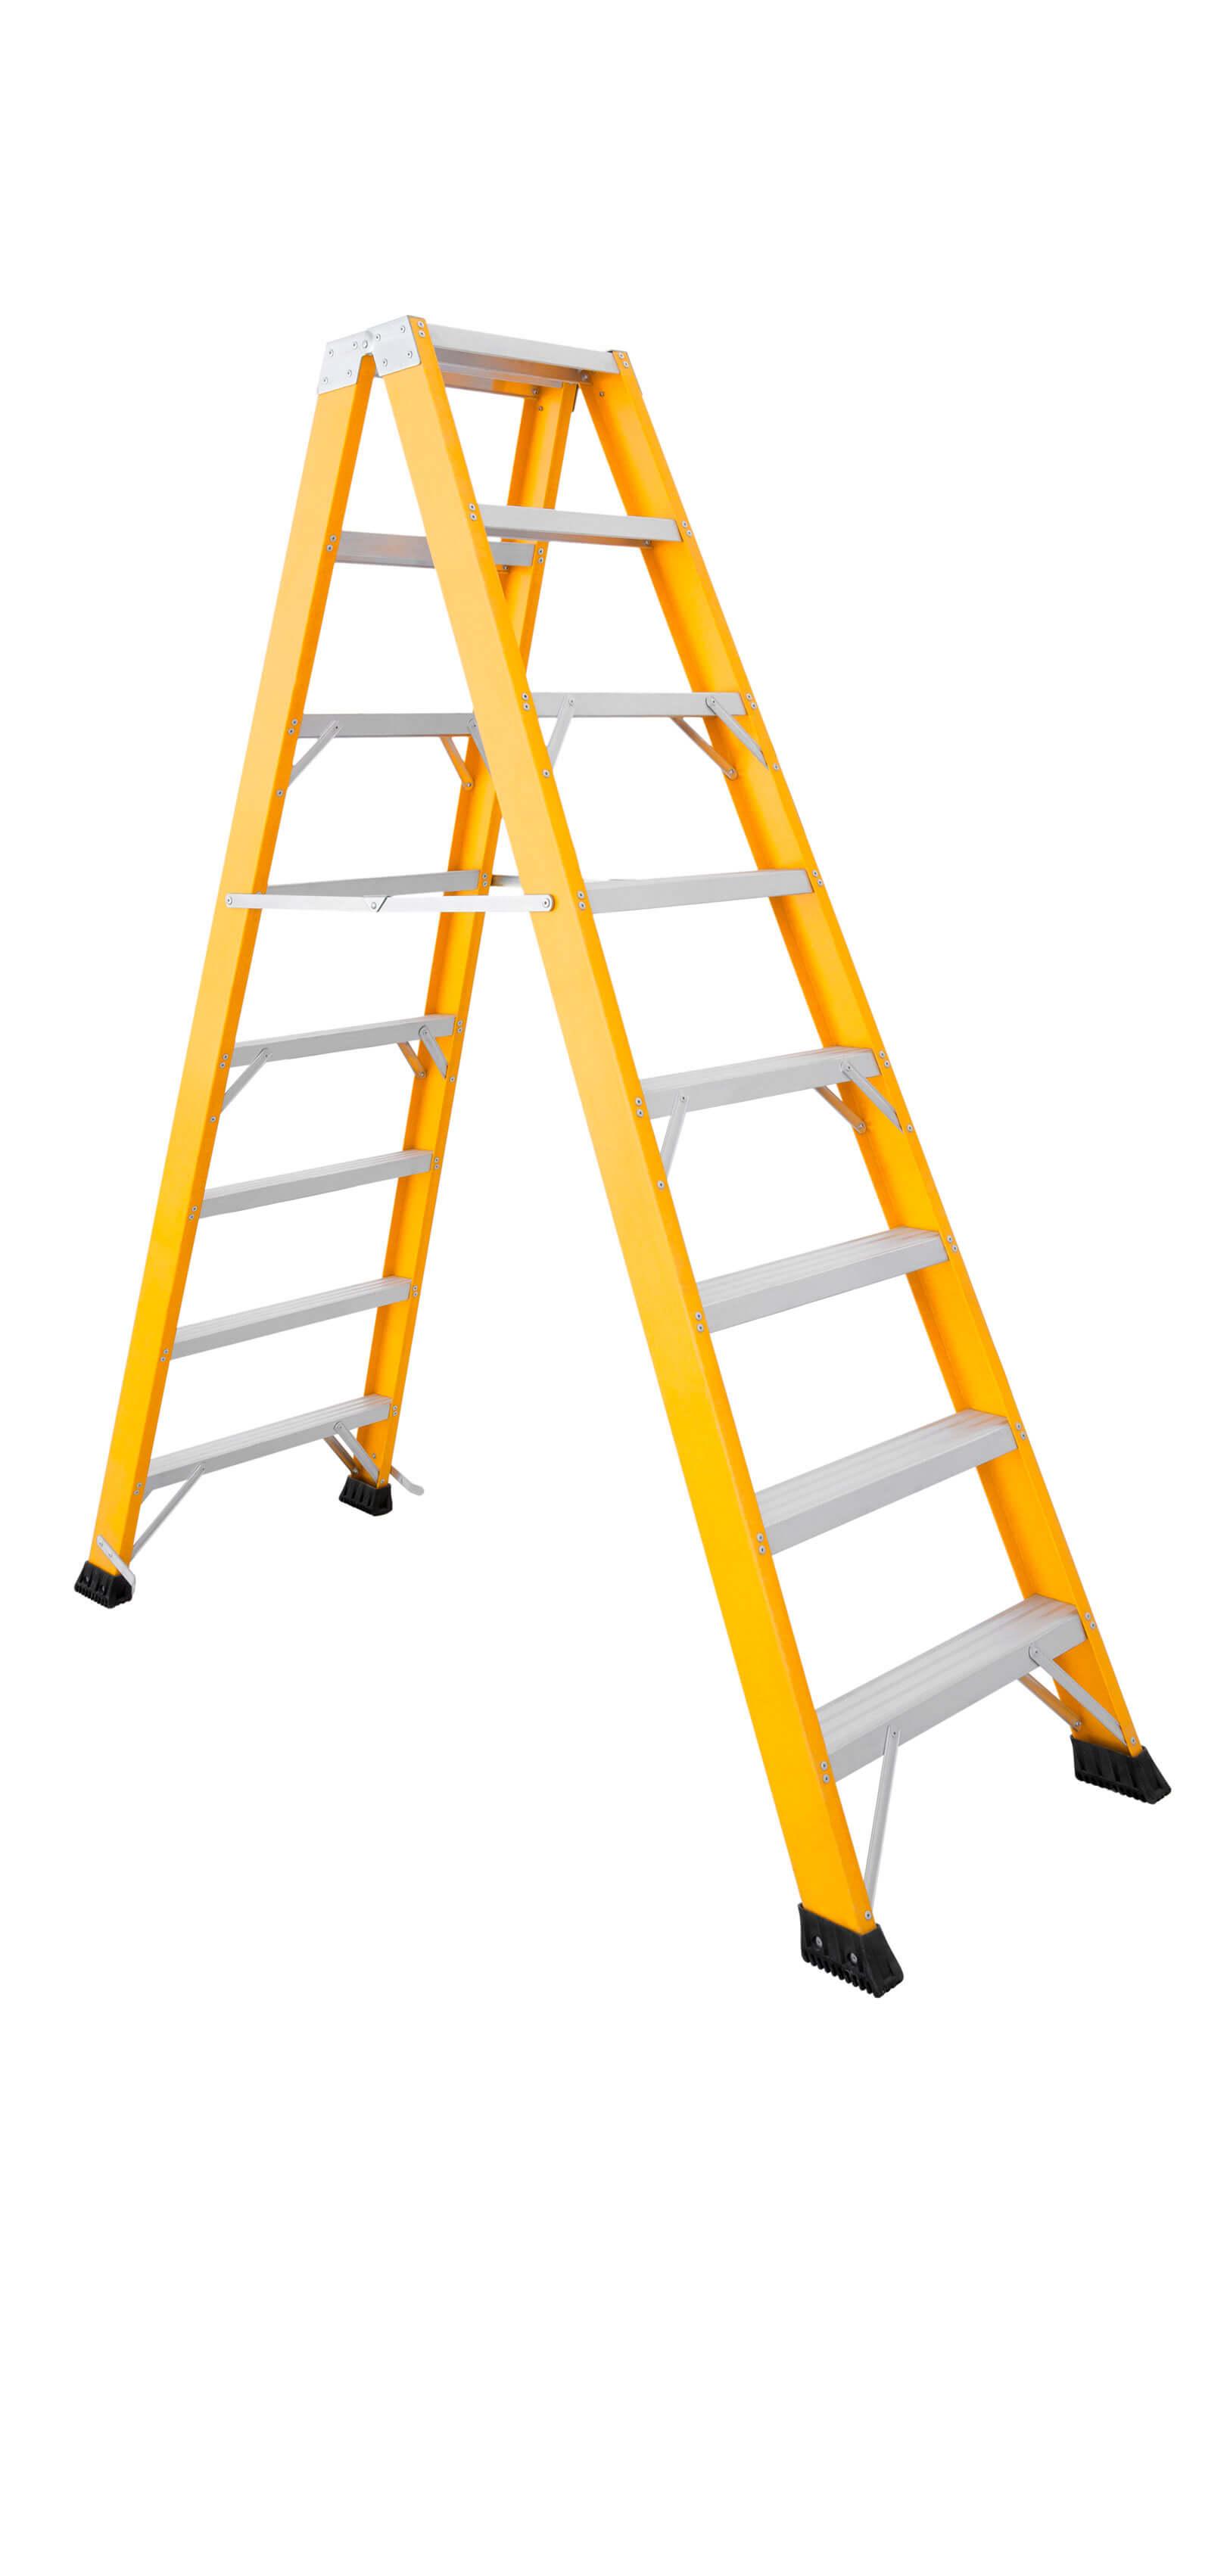 Escalera De Fibra De Doble Subida Con Peldaño Ancho De Aluminio